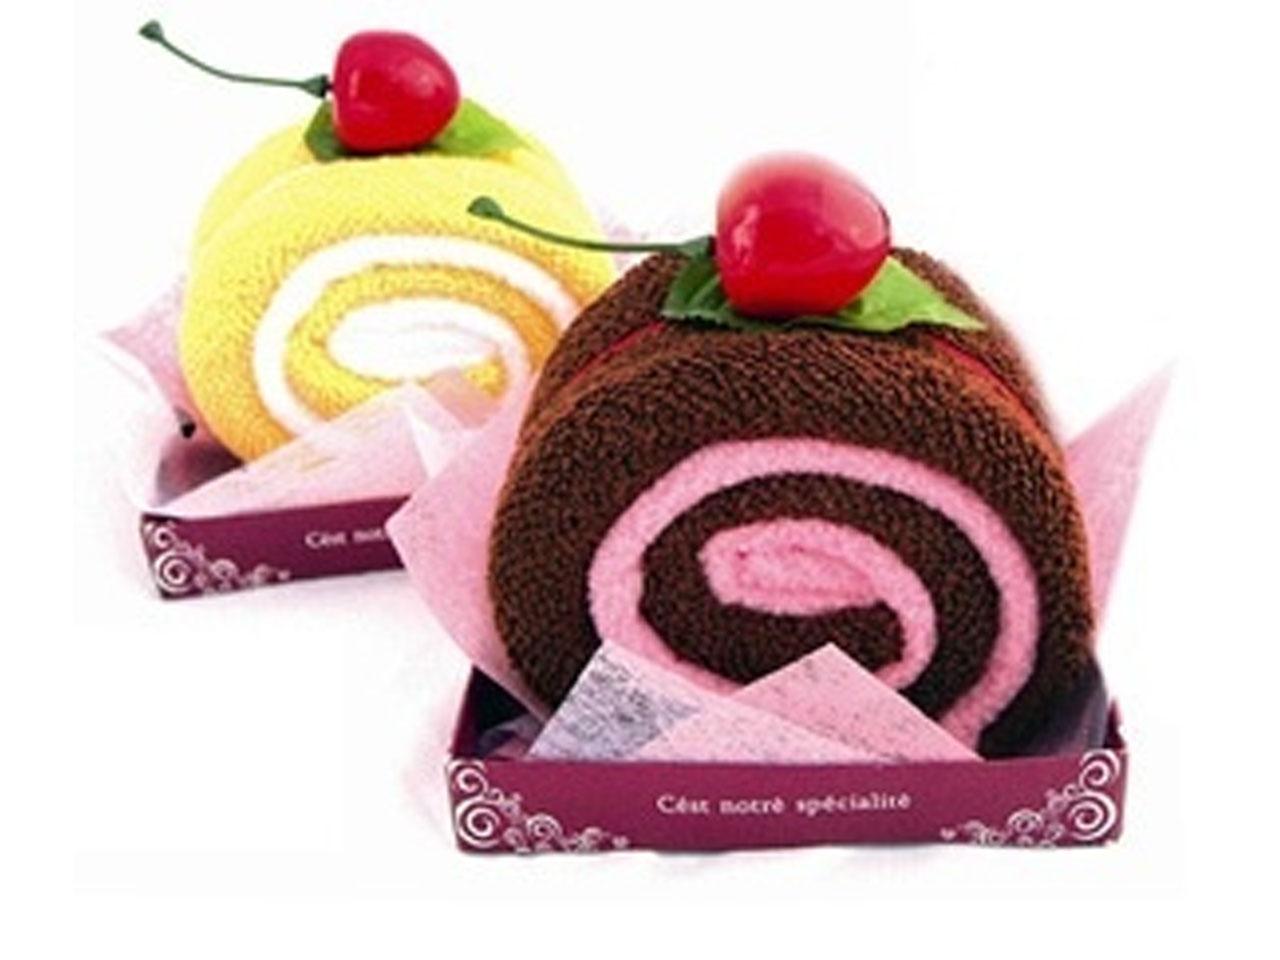 u como hacer figuras con toallas con forma de cupcakes